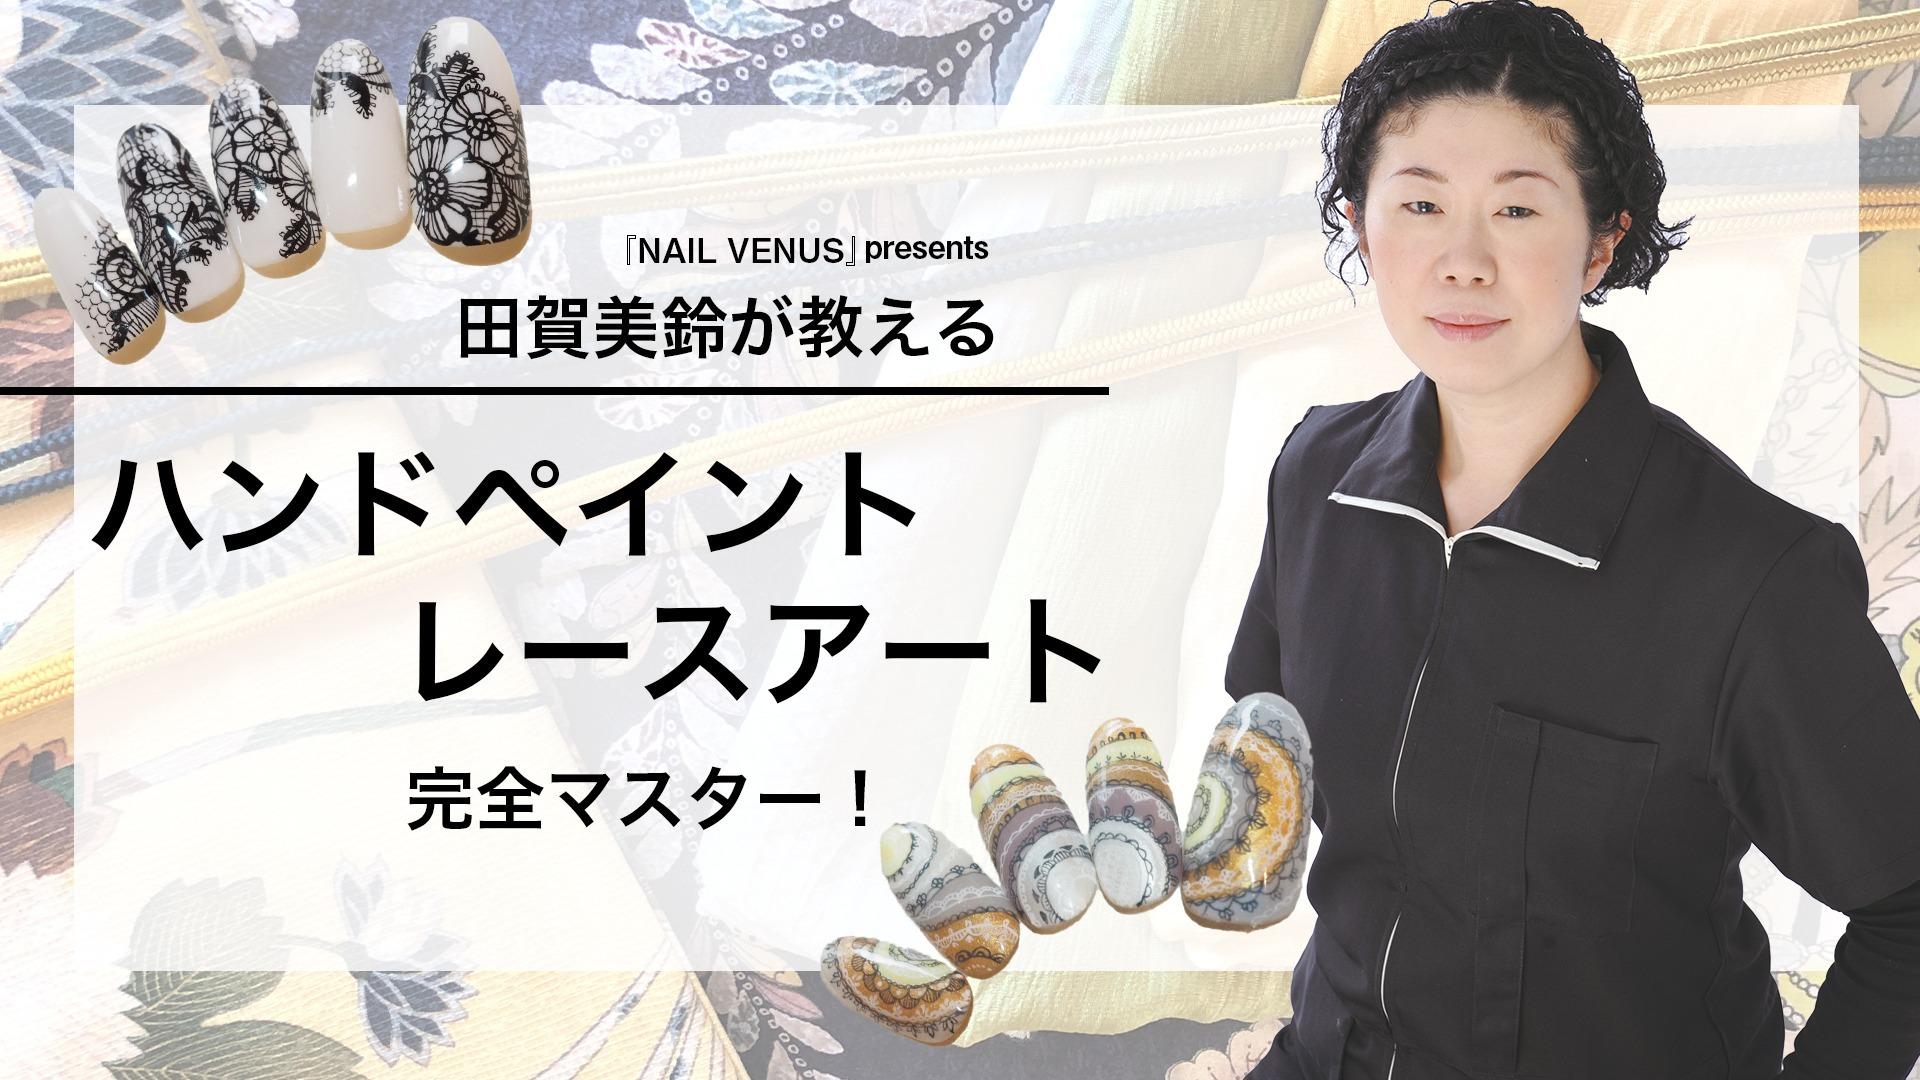 田賀美鈴が教えるハンドペイント・レースアート完全マスター3ヵ月講座